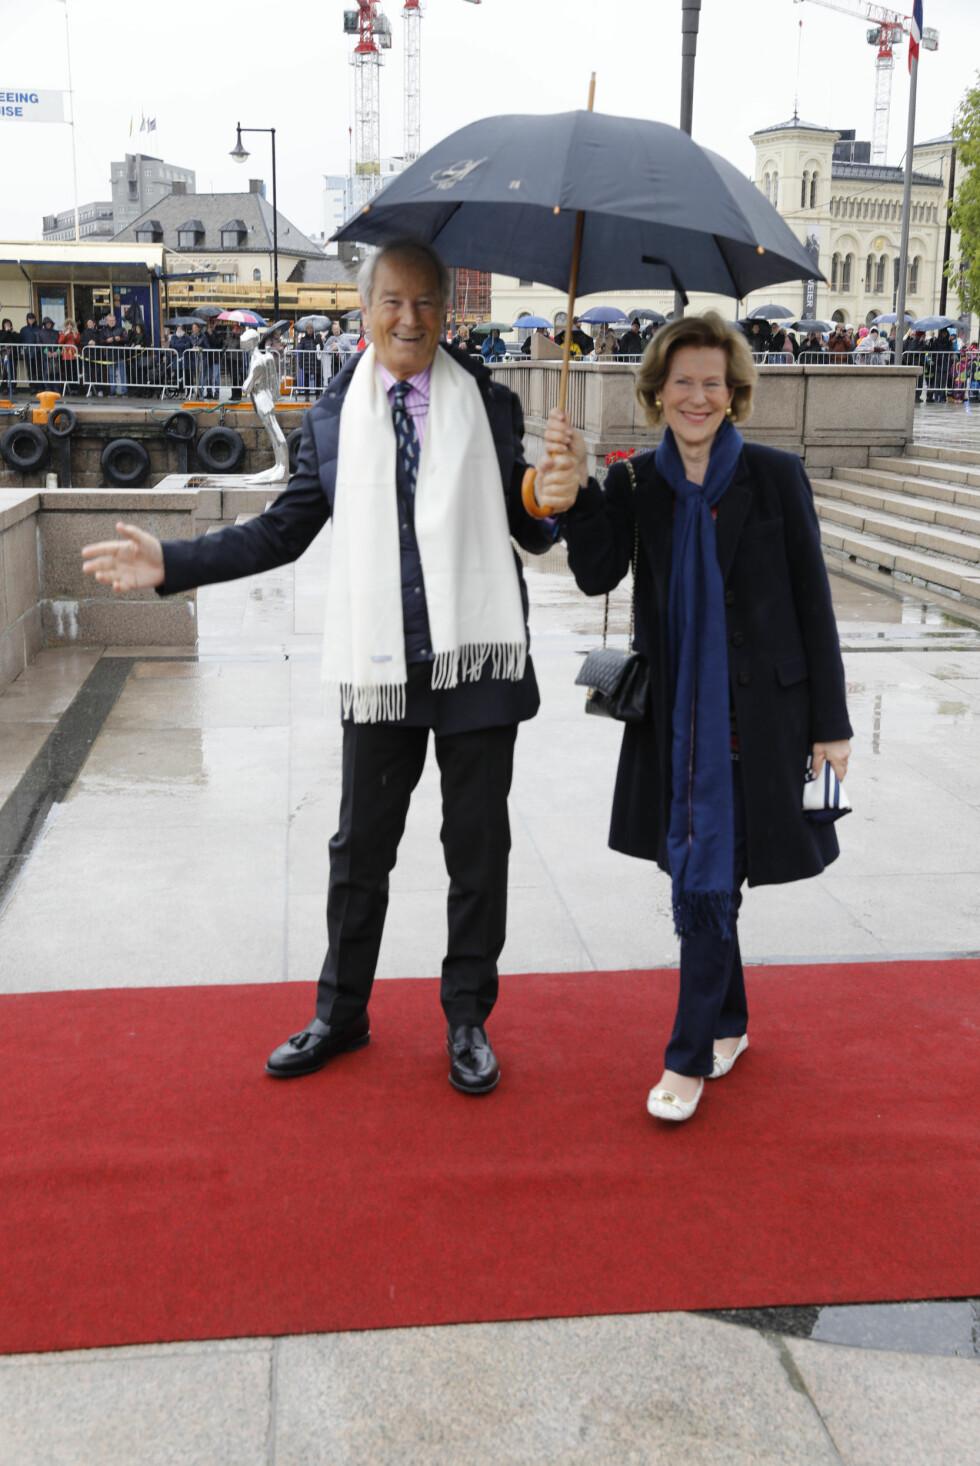 BURSDAGSFEST: Madeleine Kogevinas og Bernhard Mach var blant gjestene under dagens lunsj på Kongeskipet Norge. Foto: Kallestad, Gorm / NTB Scanpix